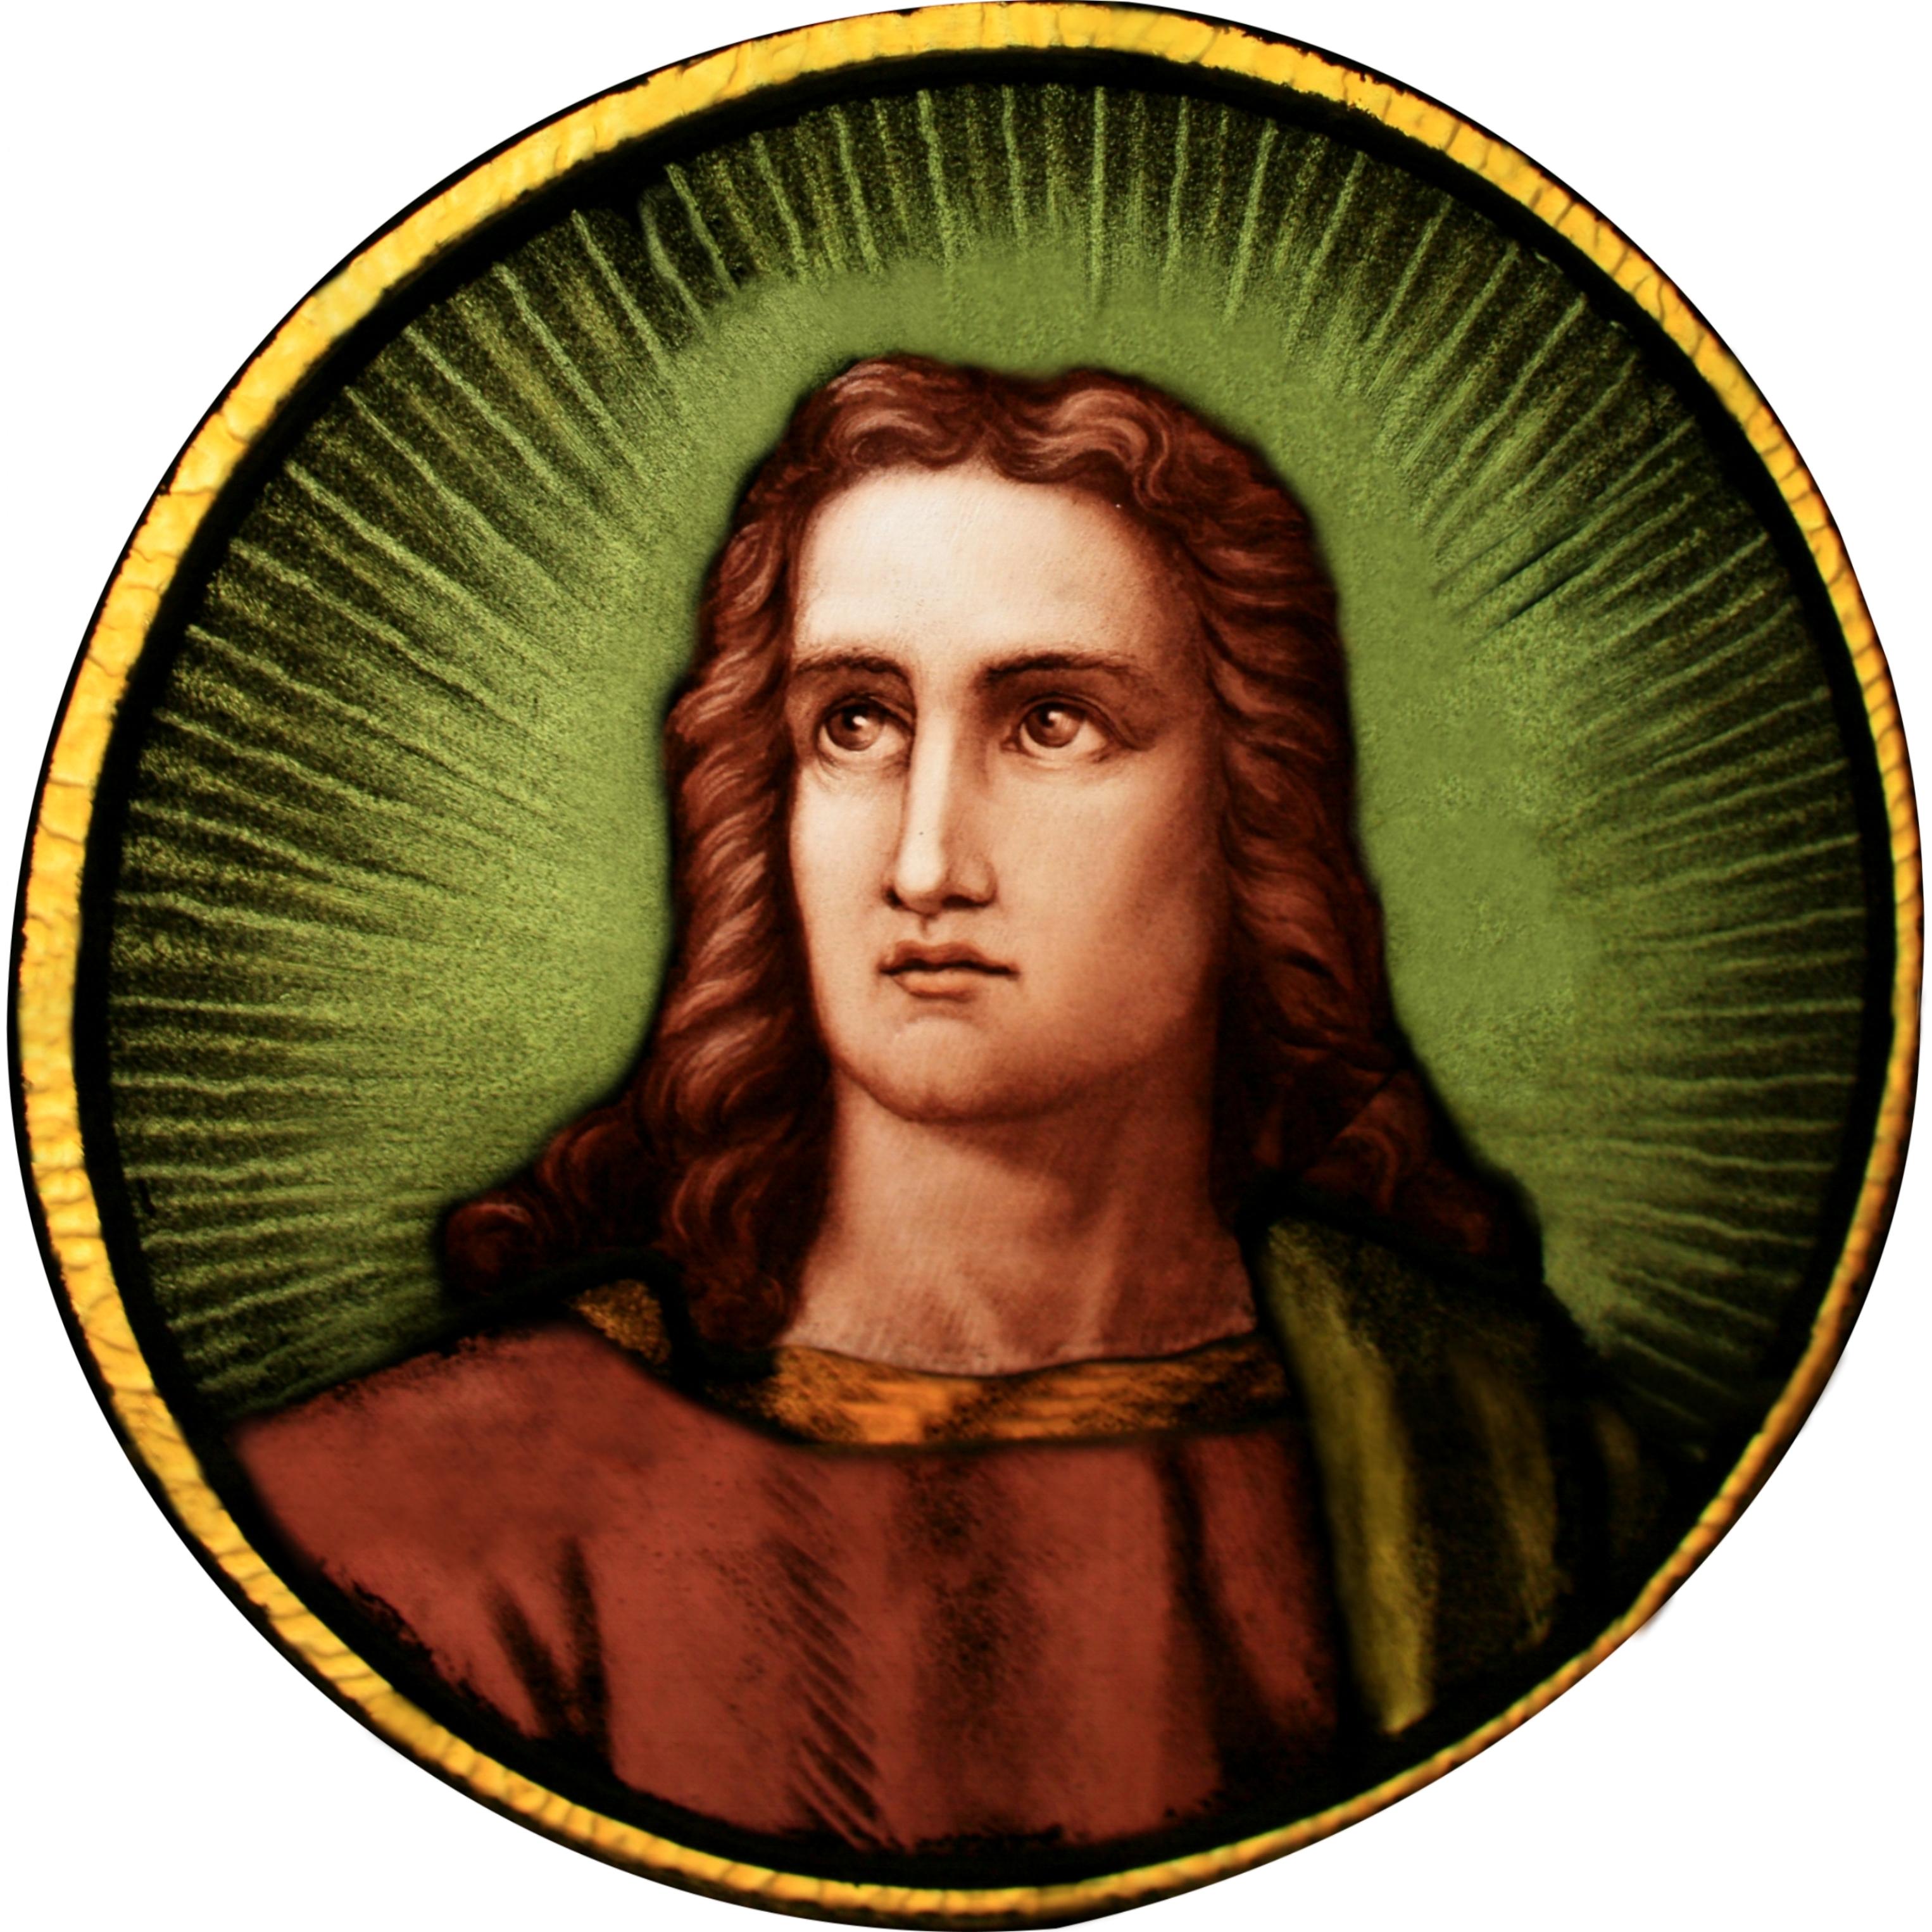 File:St John the Evangelist 014.jpg - The Work of God's